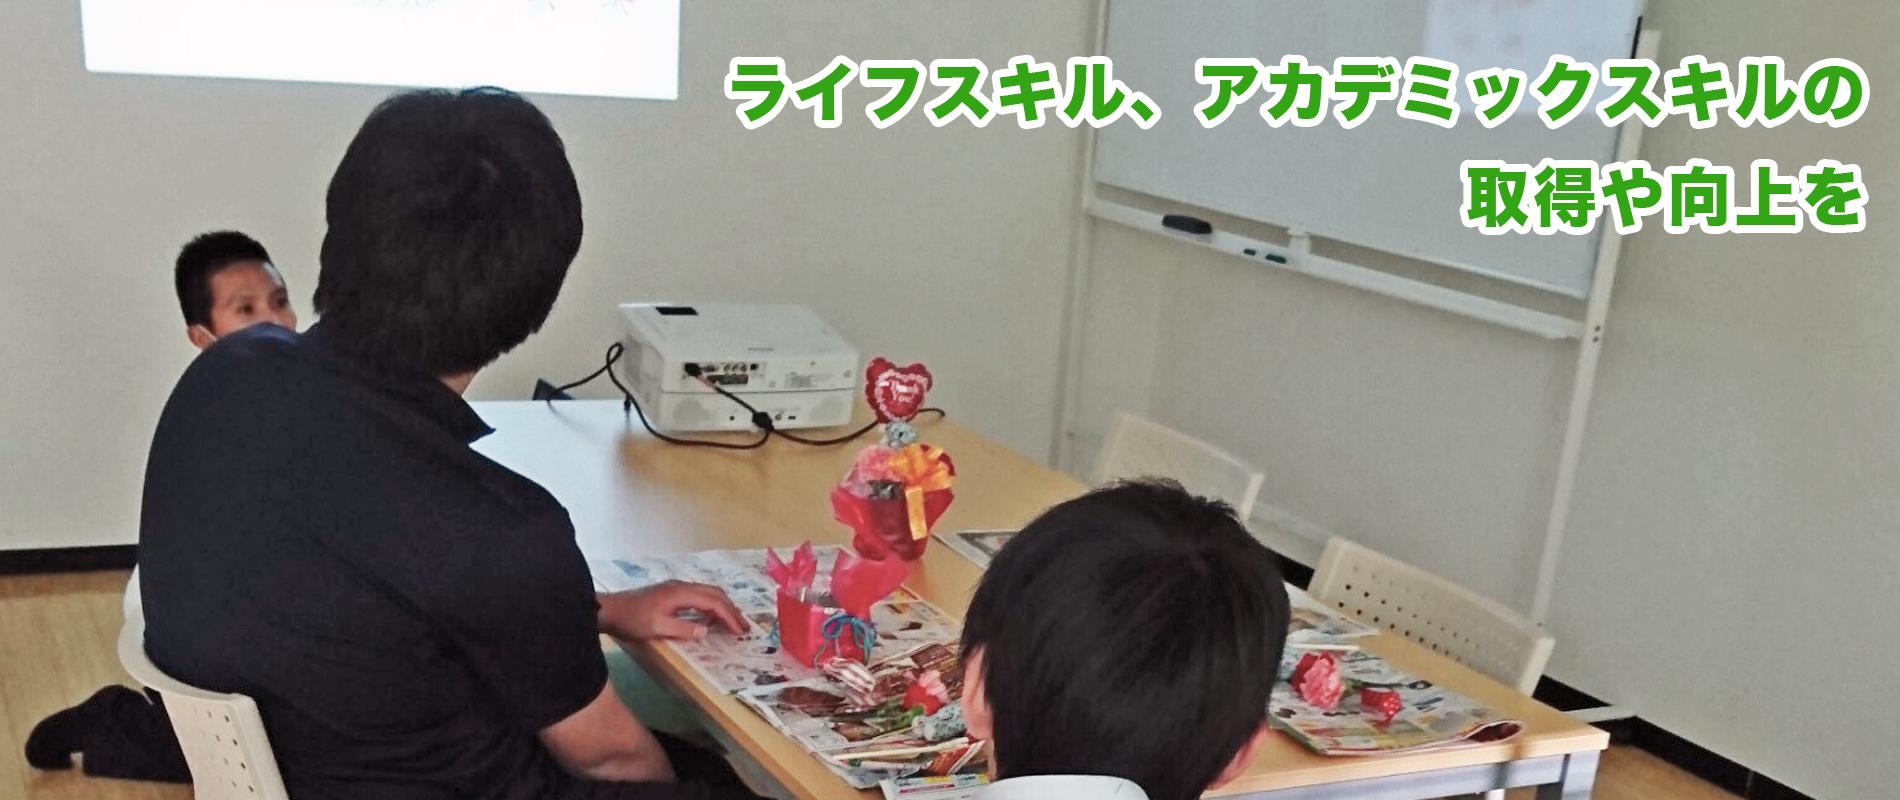 株式会社Prism 東大阪市の児童発達支援・放課後等デイサービス事業